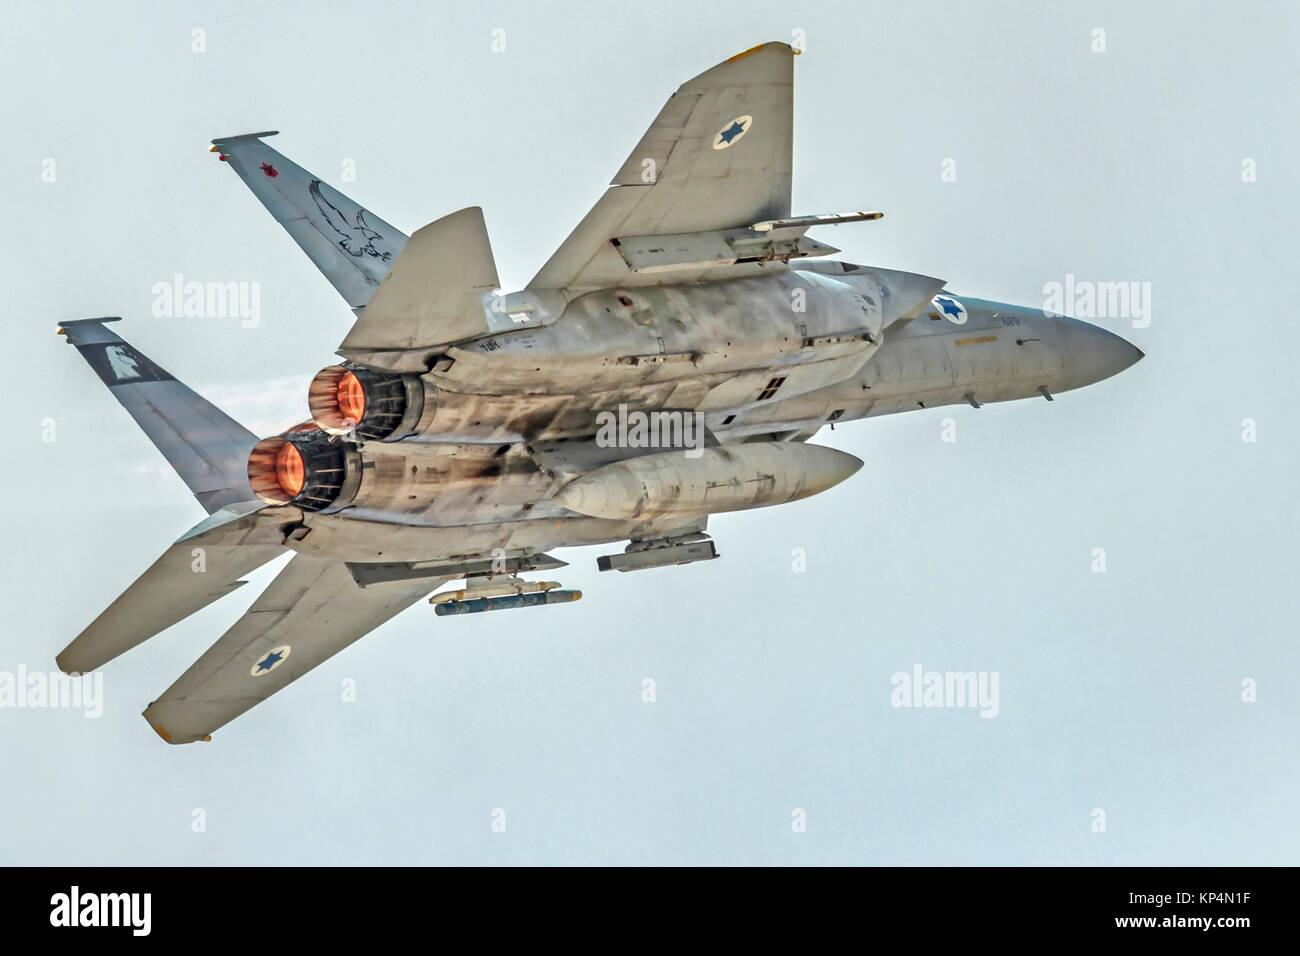 israeli air force iaf mcdonnell douglas stock photos & israeli air